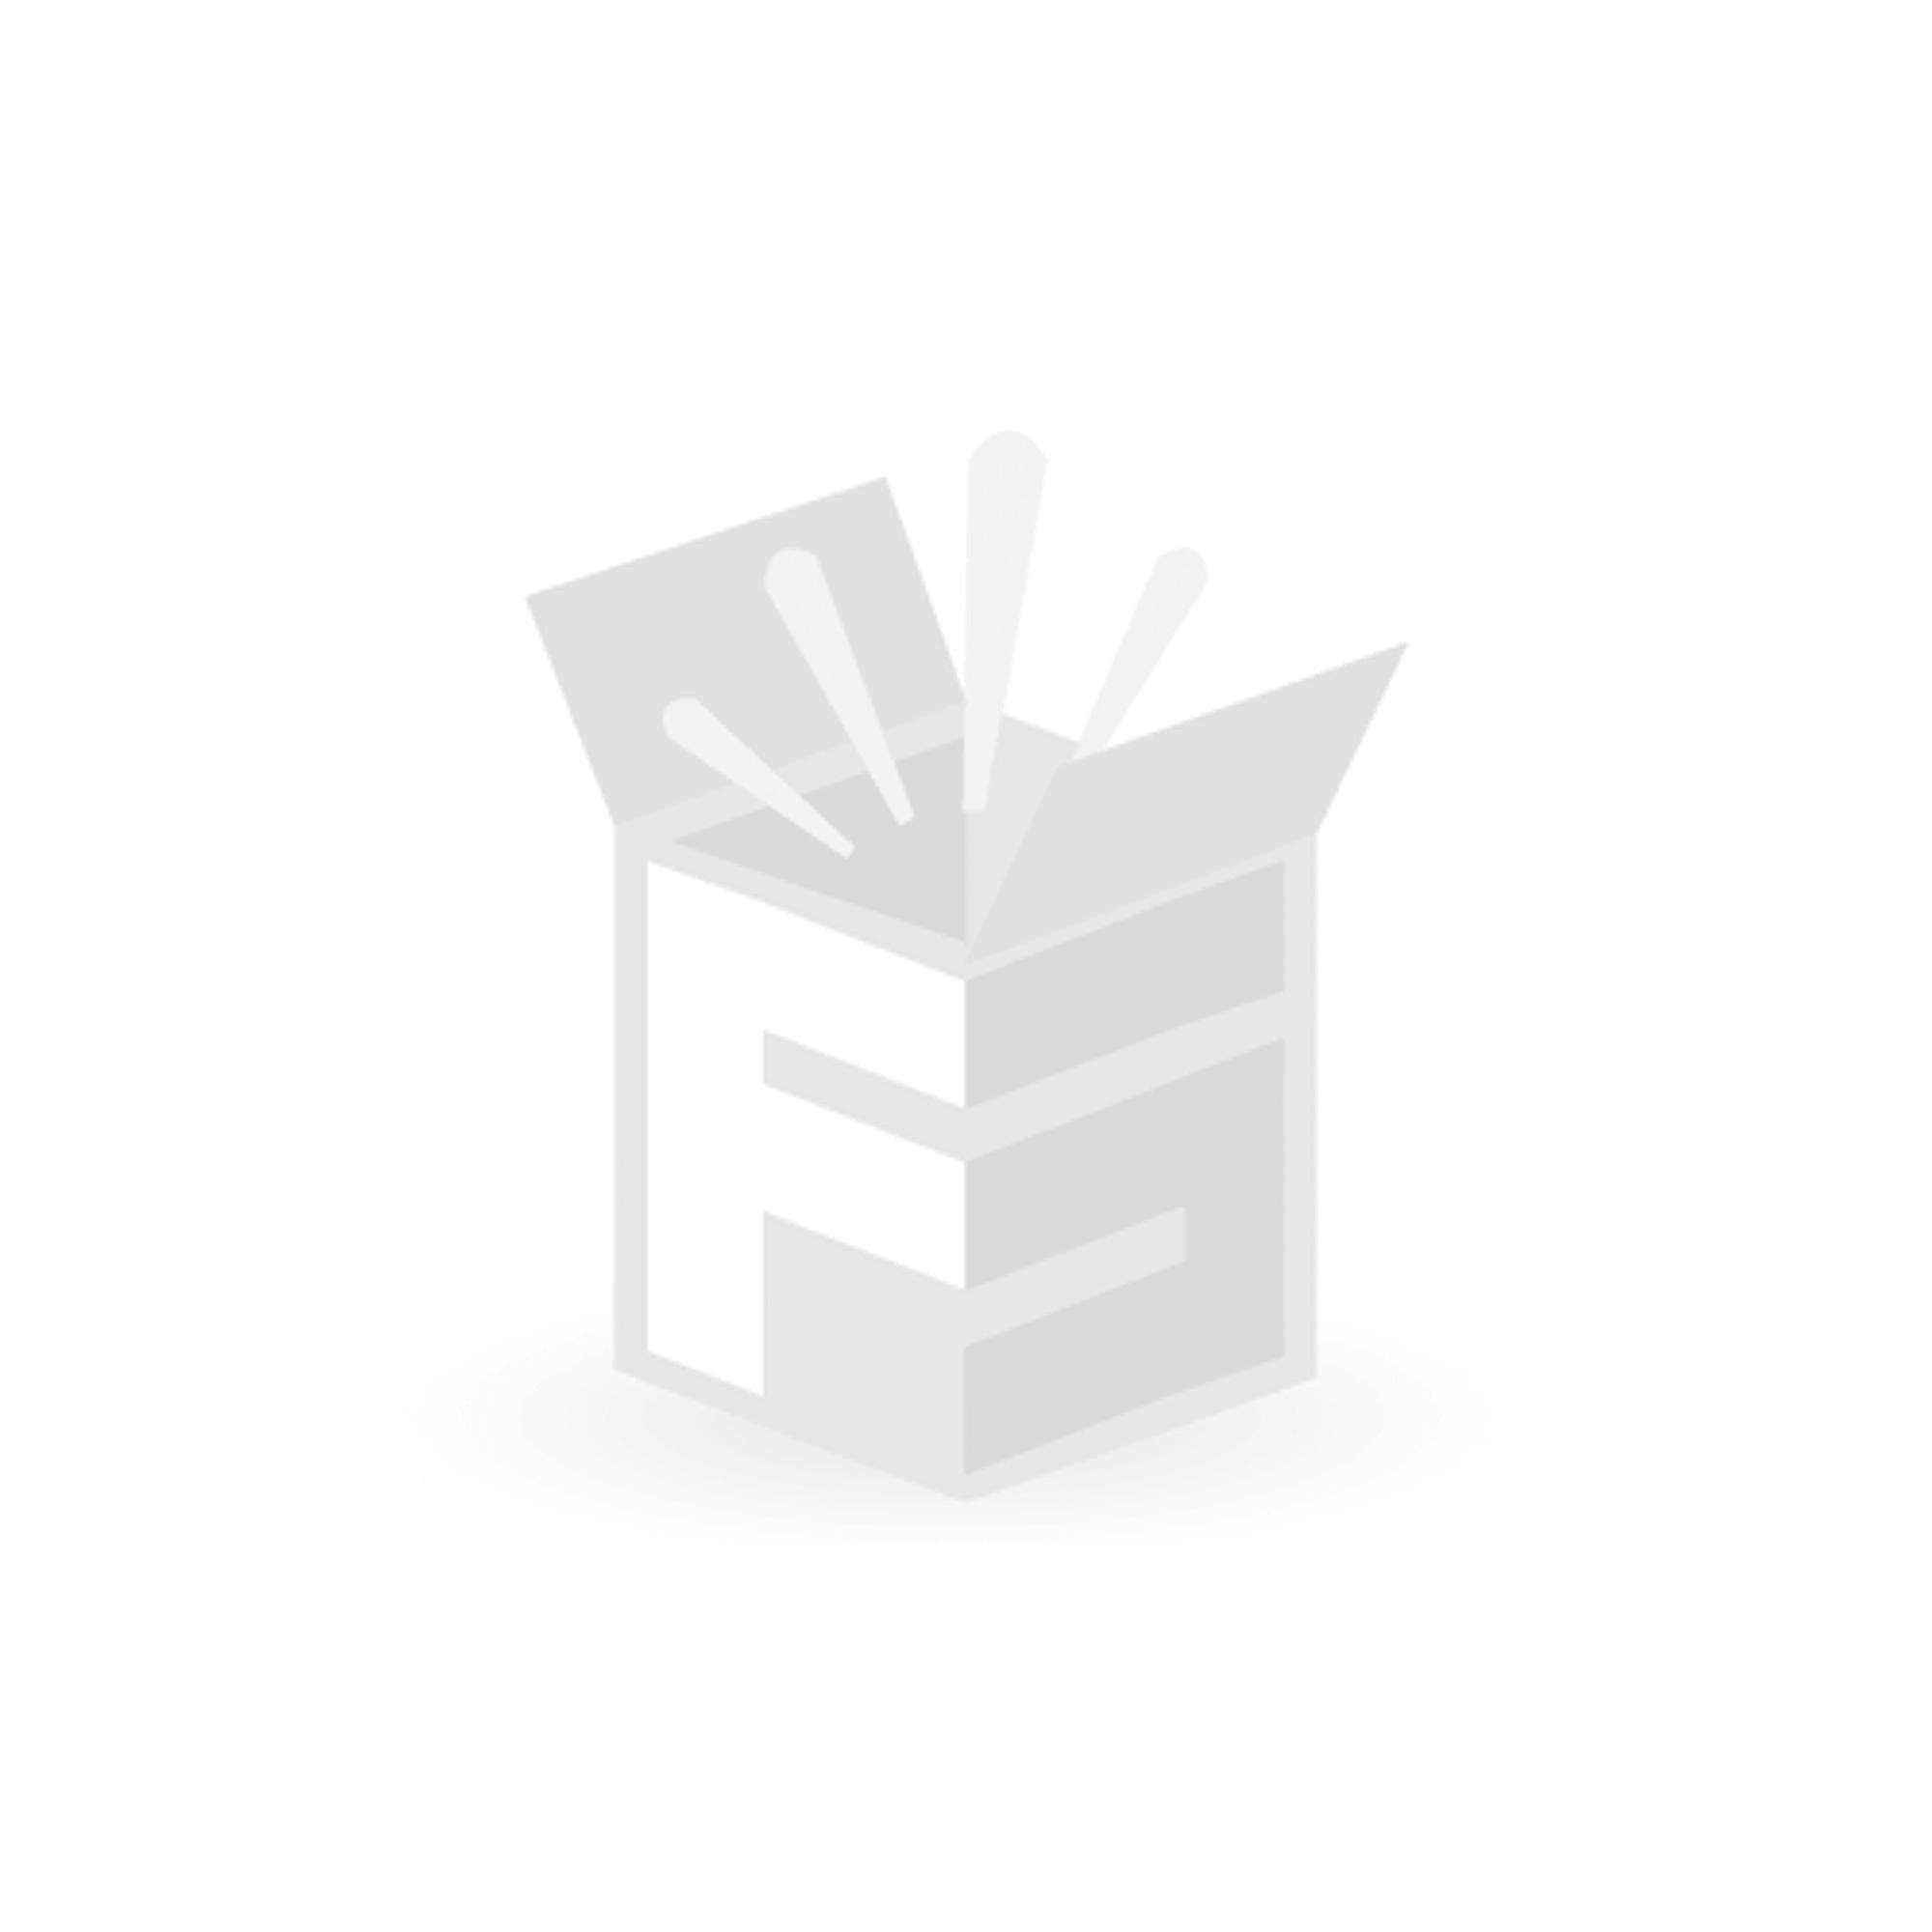 Unicorn Dartscheibe Soft Tip, elektronisch